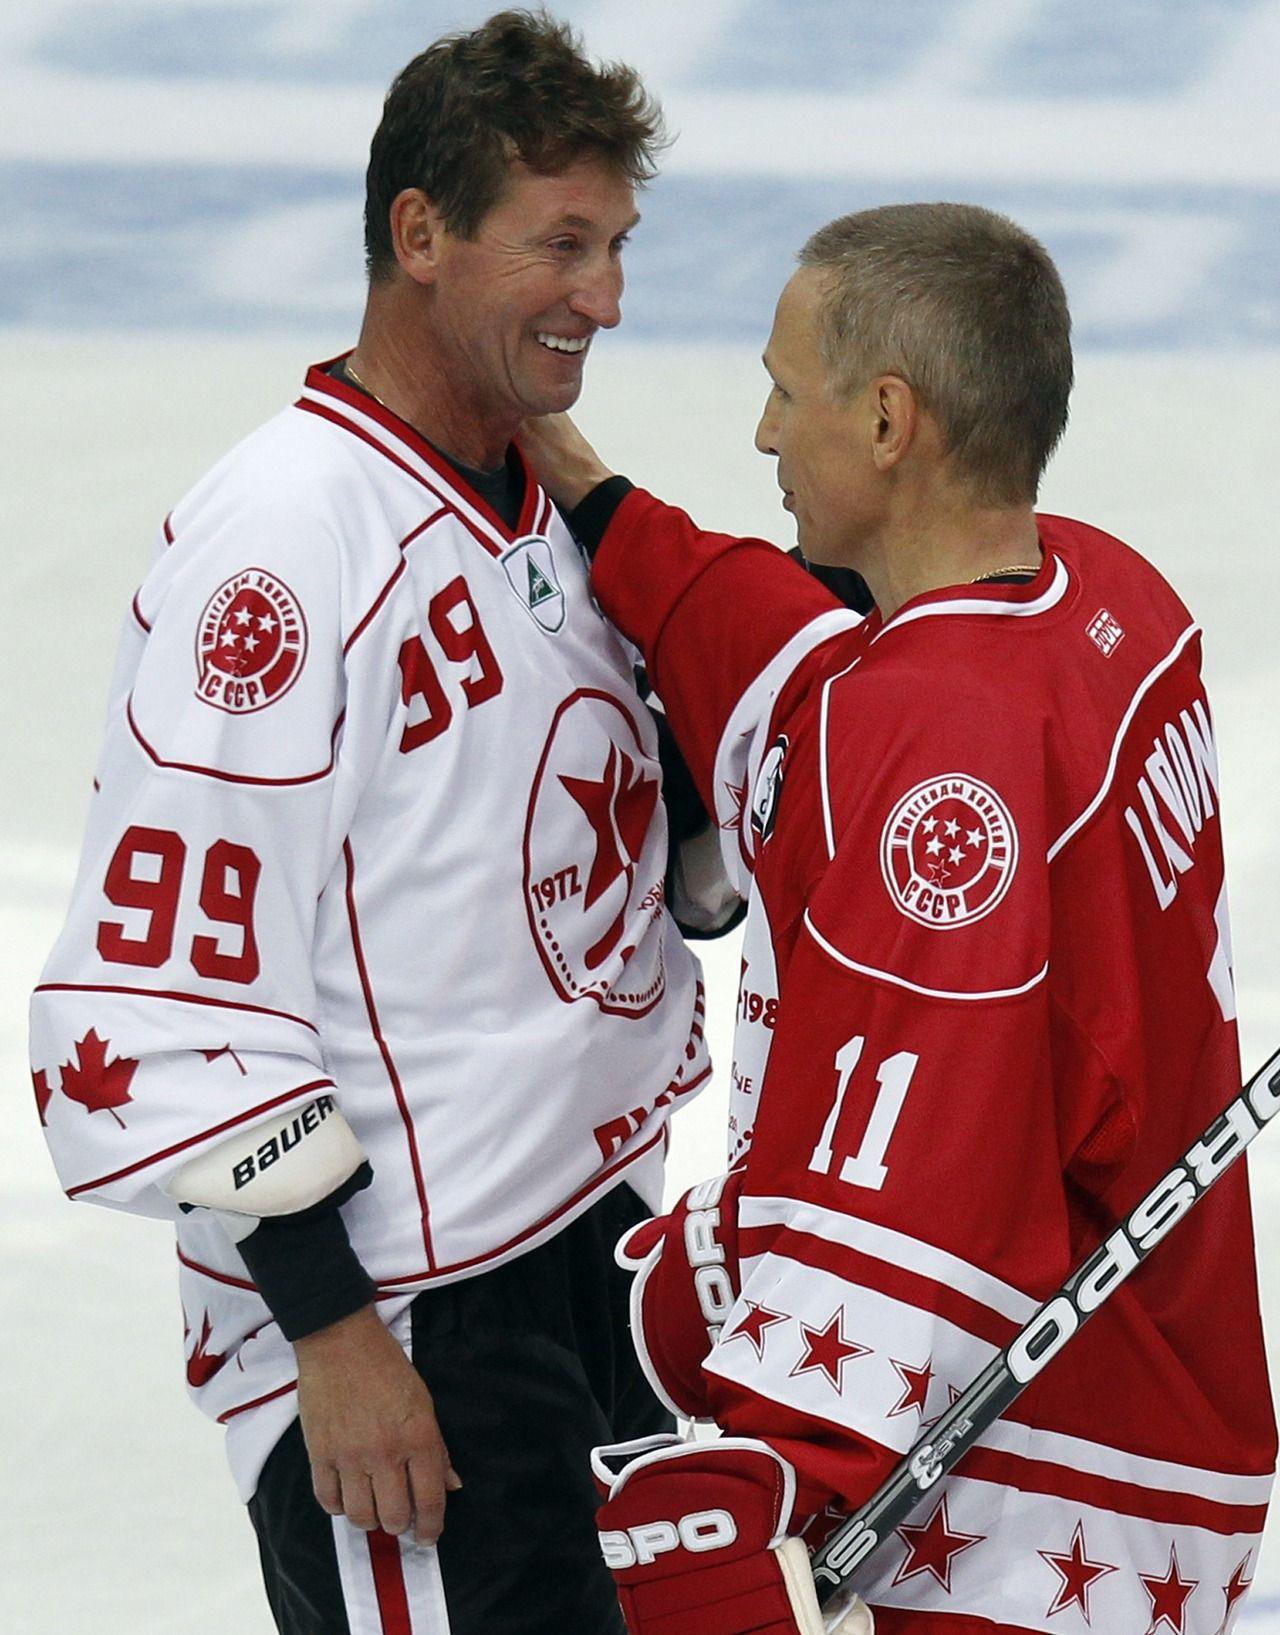 Canada S Wayne Gretzky Greets Russia S Igor Larionov After Their